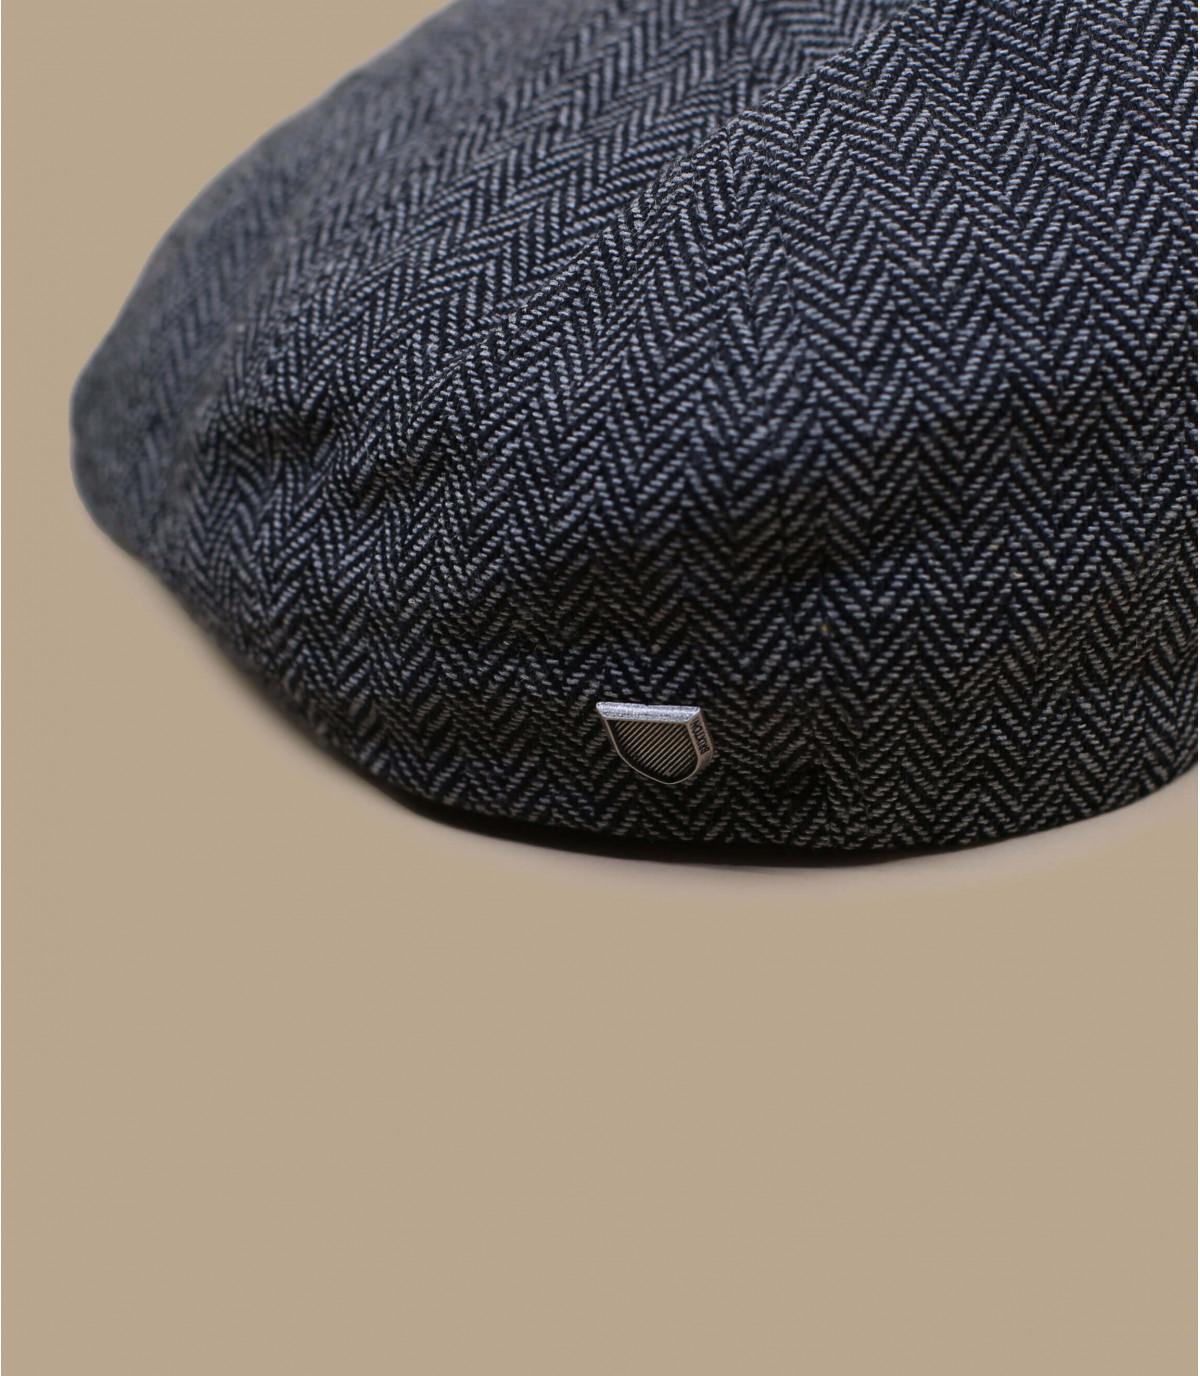 Detalles Brood grey negro herringbone wm imagen 2